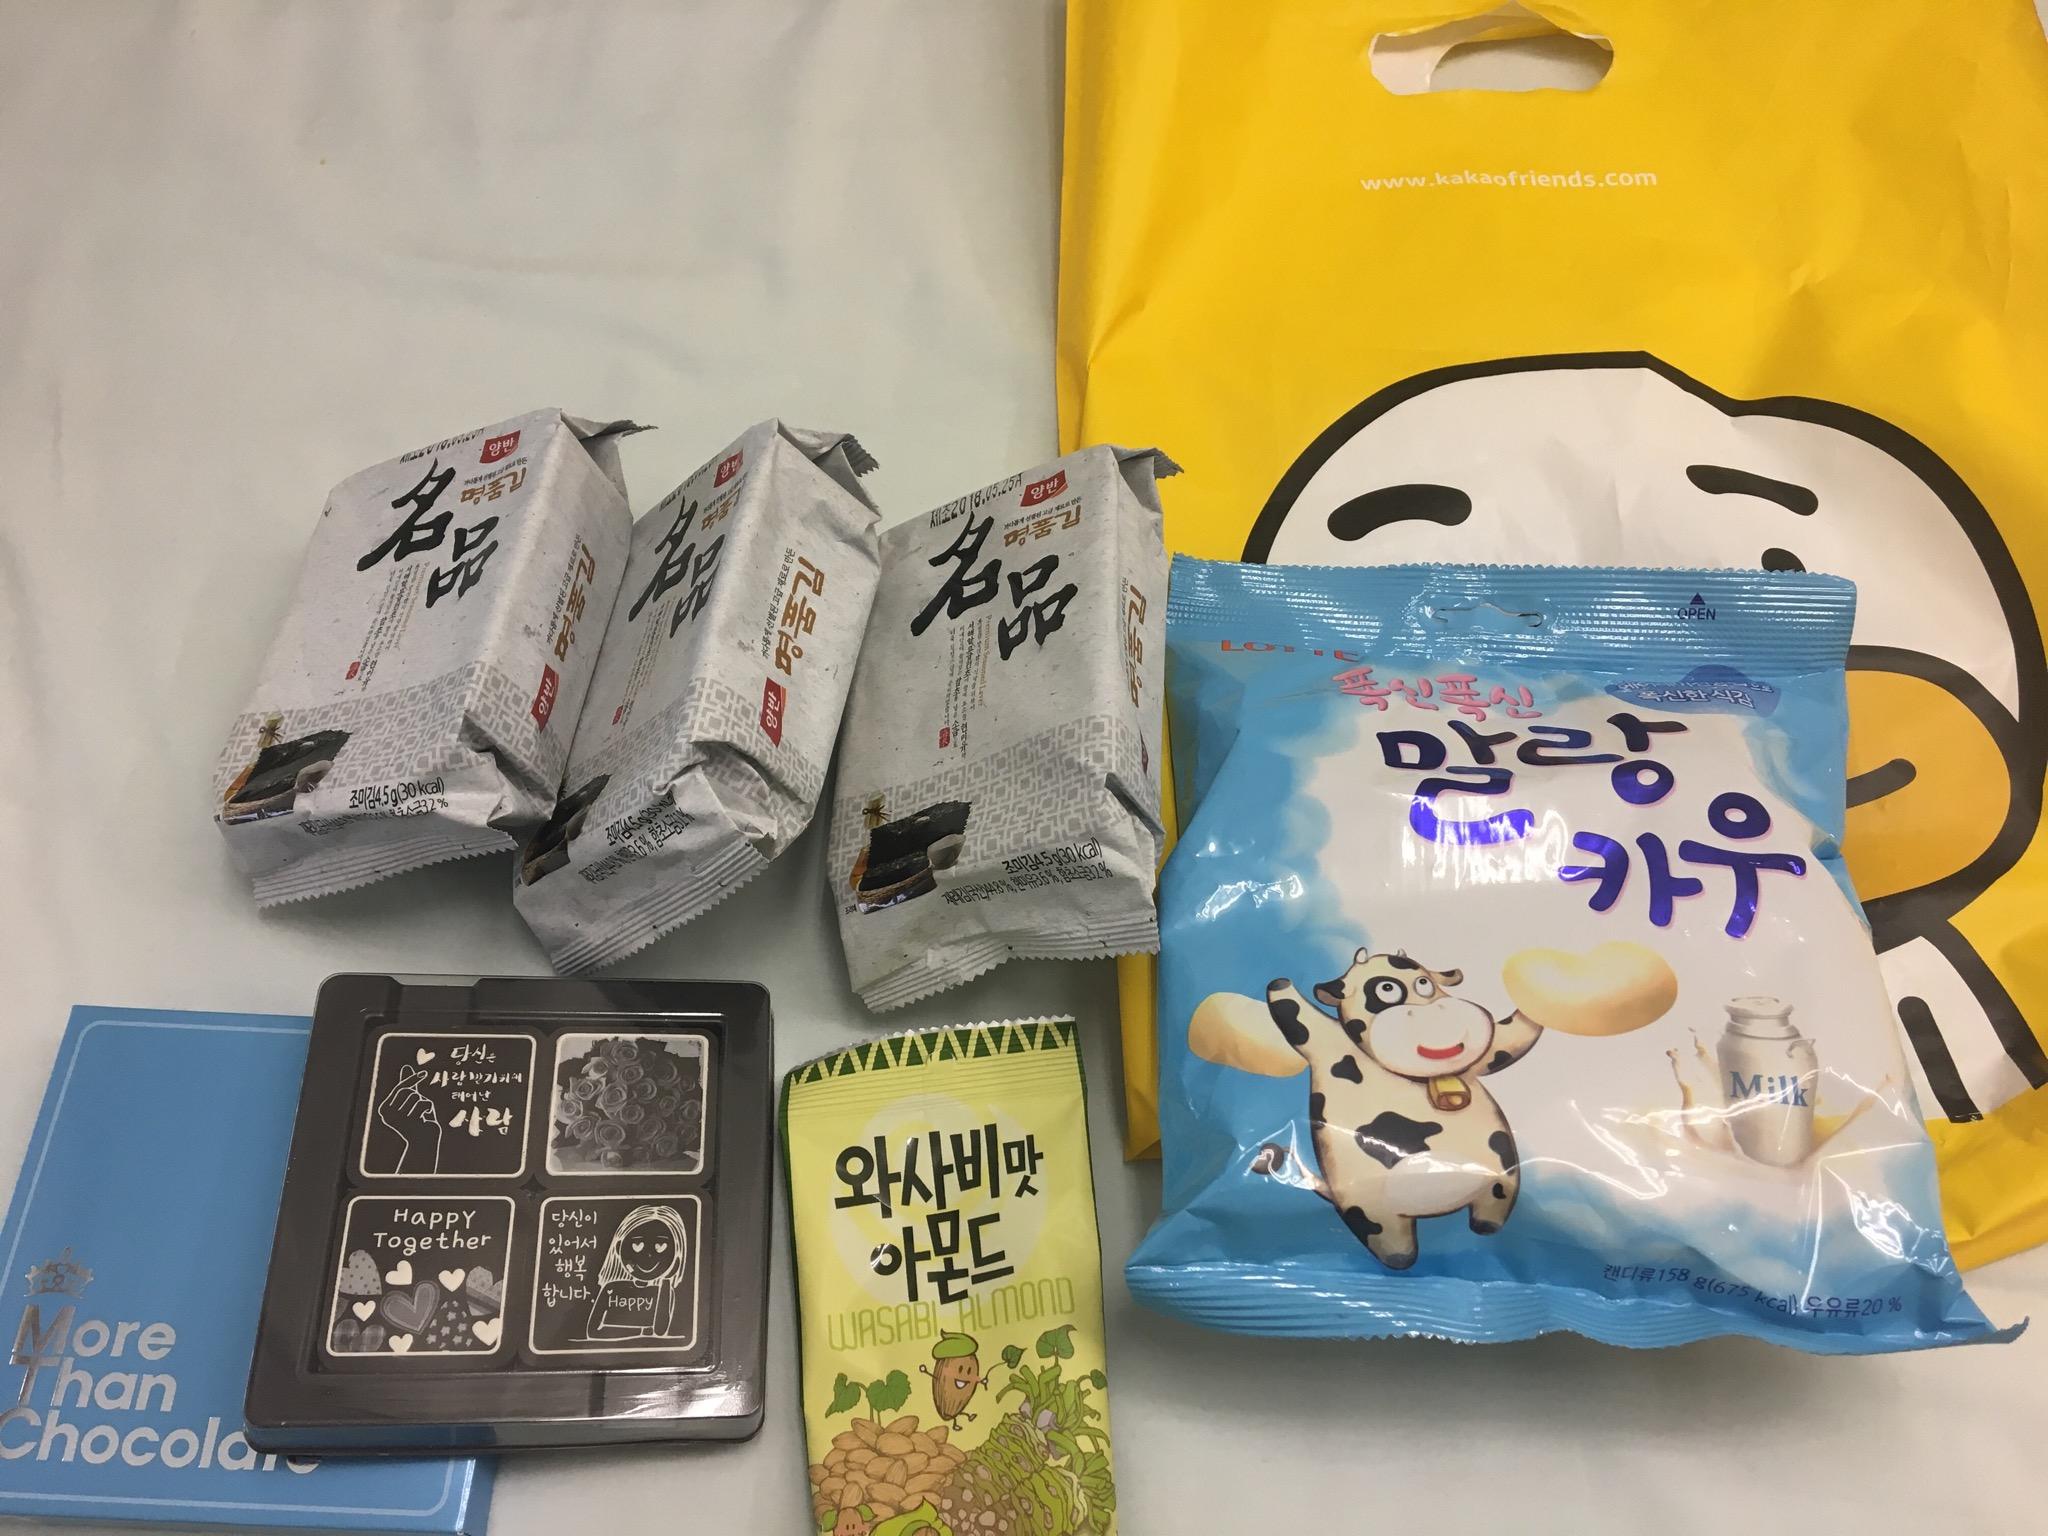 [ブログ]韓国お土産頂きました(^。^)旅行で太らないためには